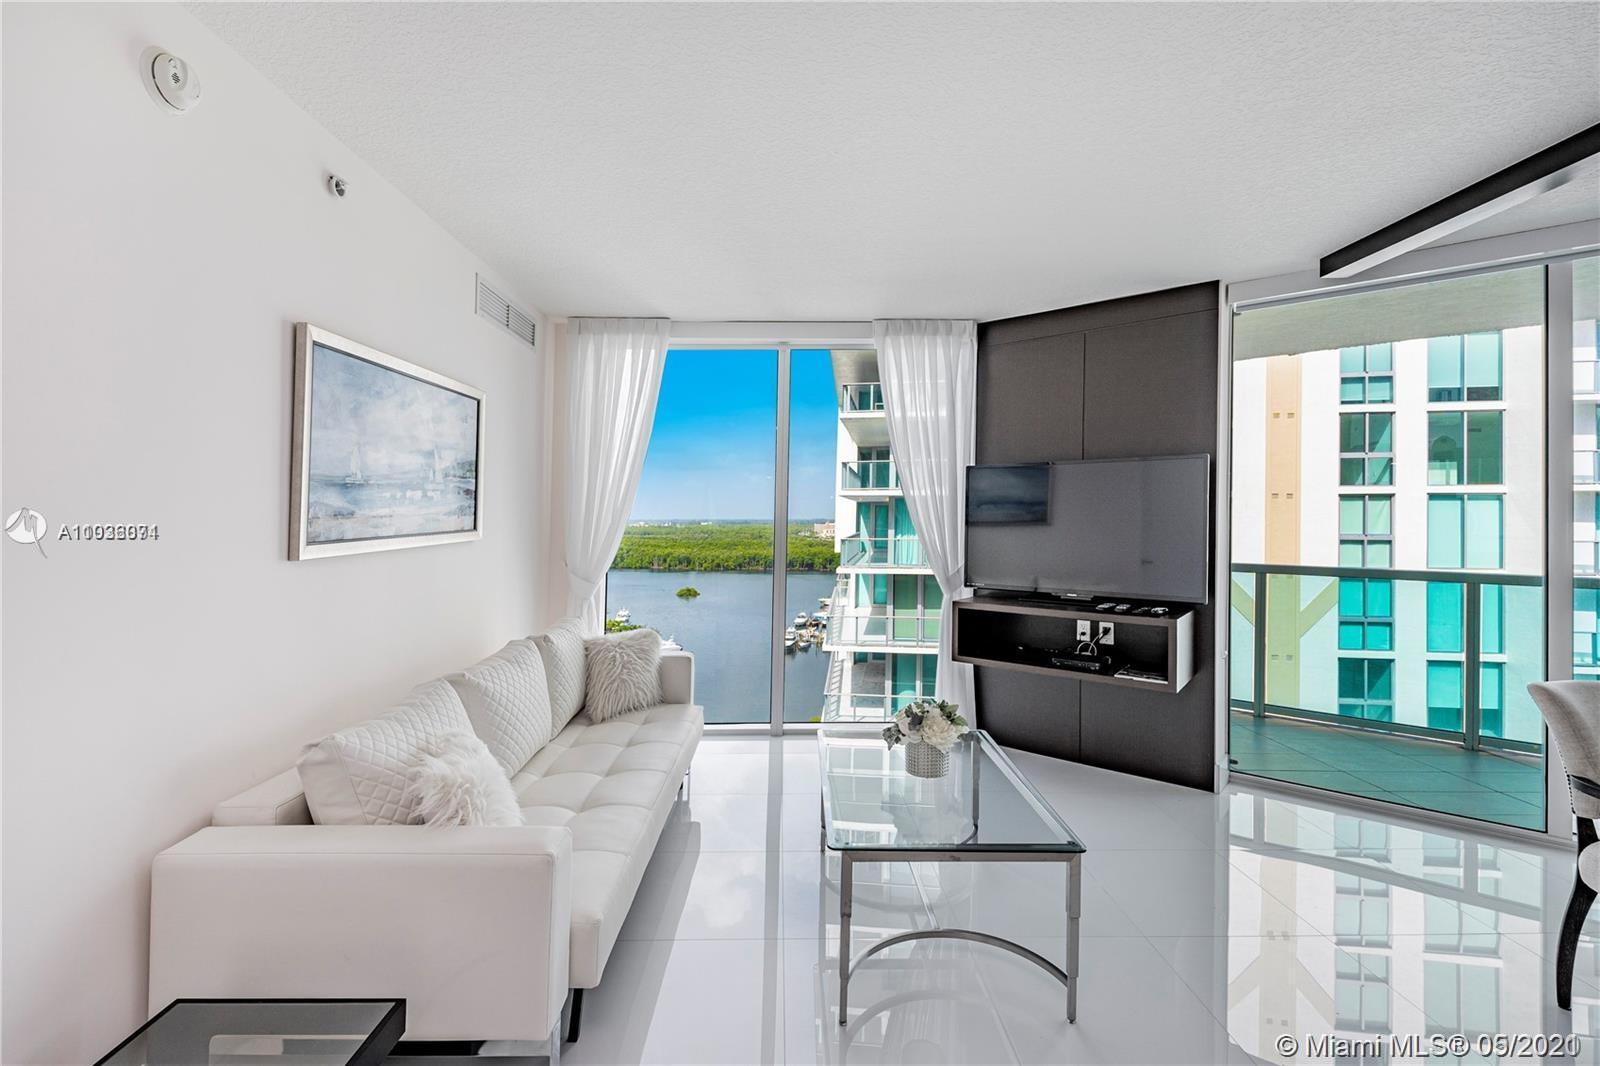 St Tropez III #3-1704(6mo ok ) - 250 Sunny Isles Blvd #3-1704(6mo ok ), Sunny Isles Beach, FL 33160